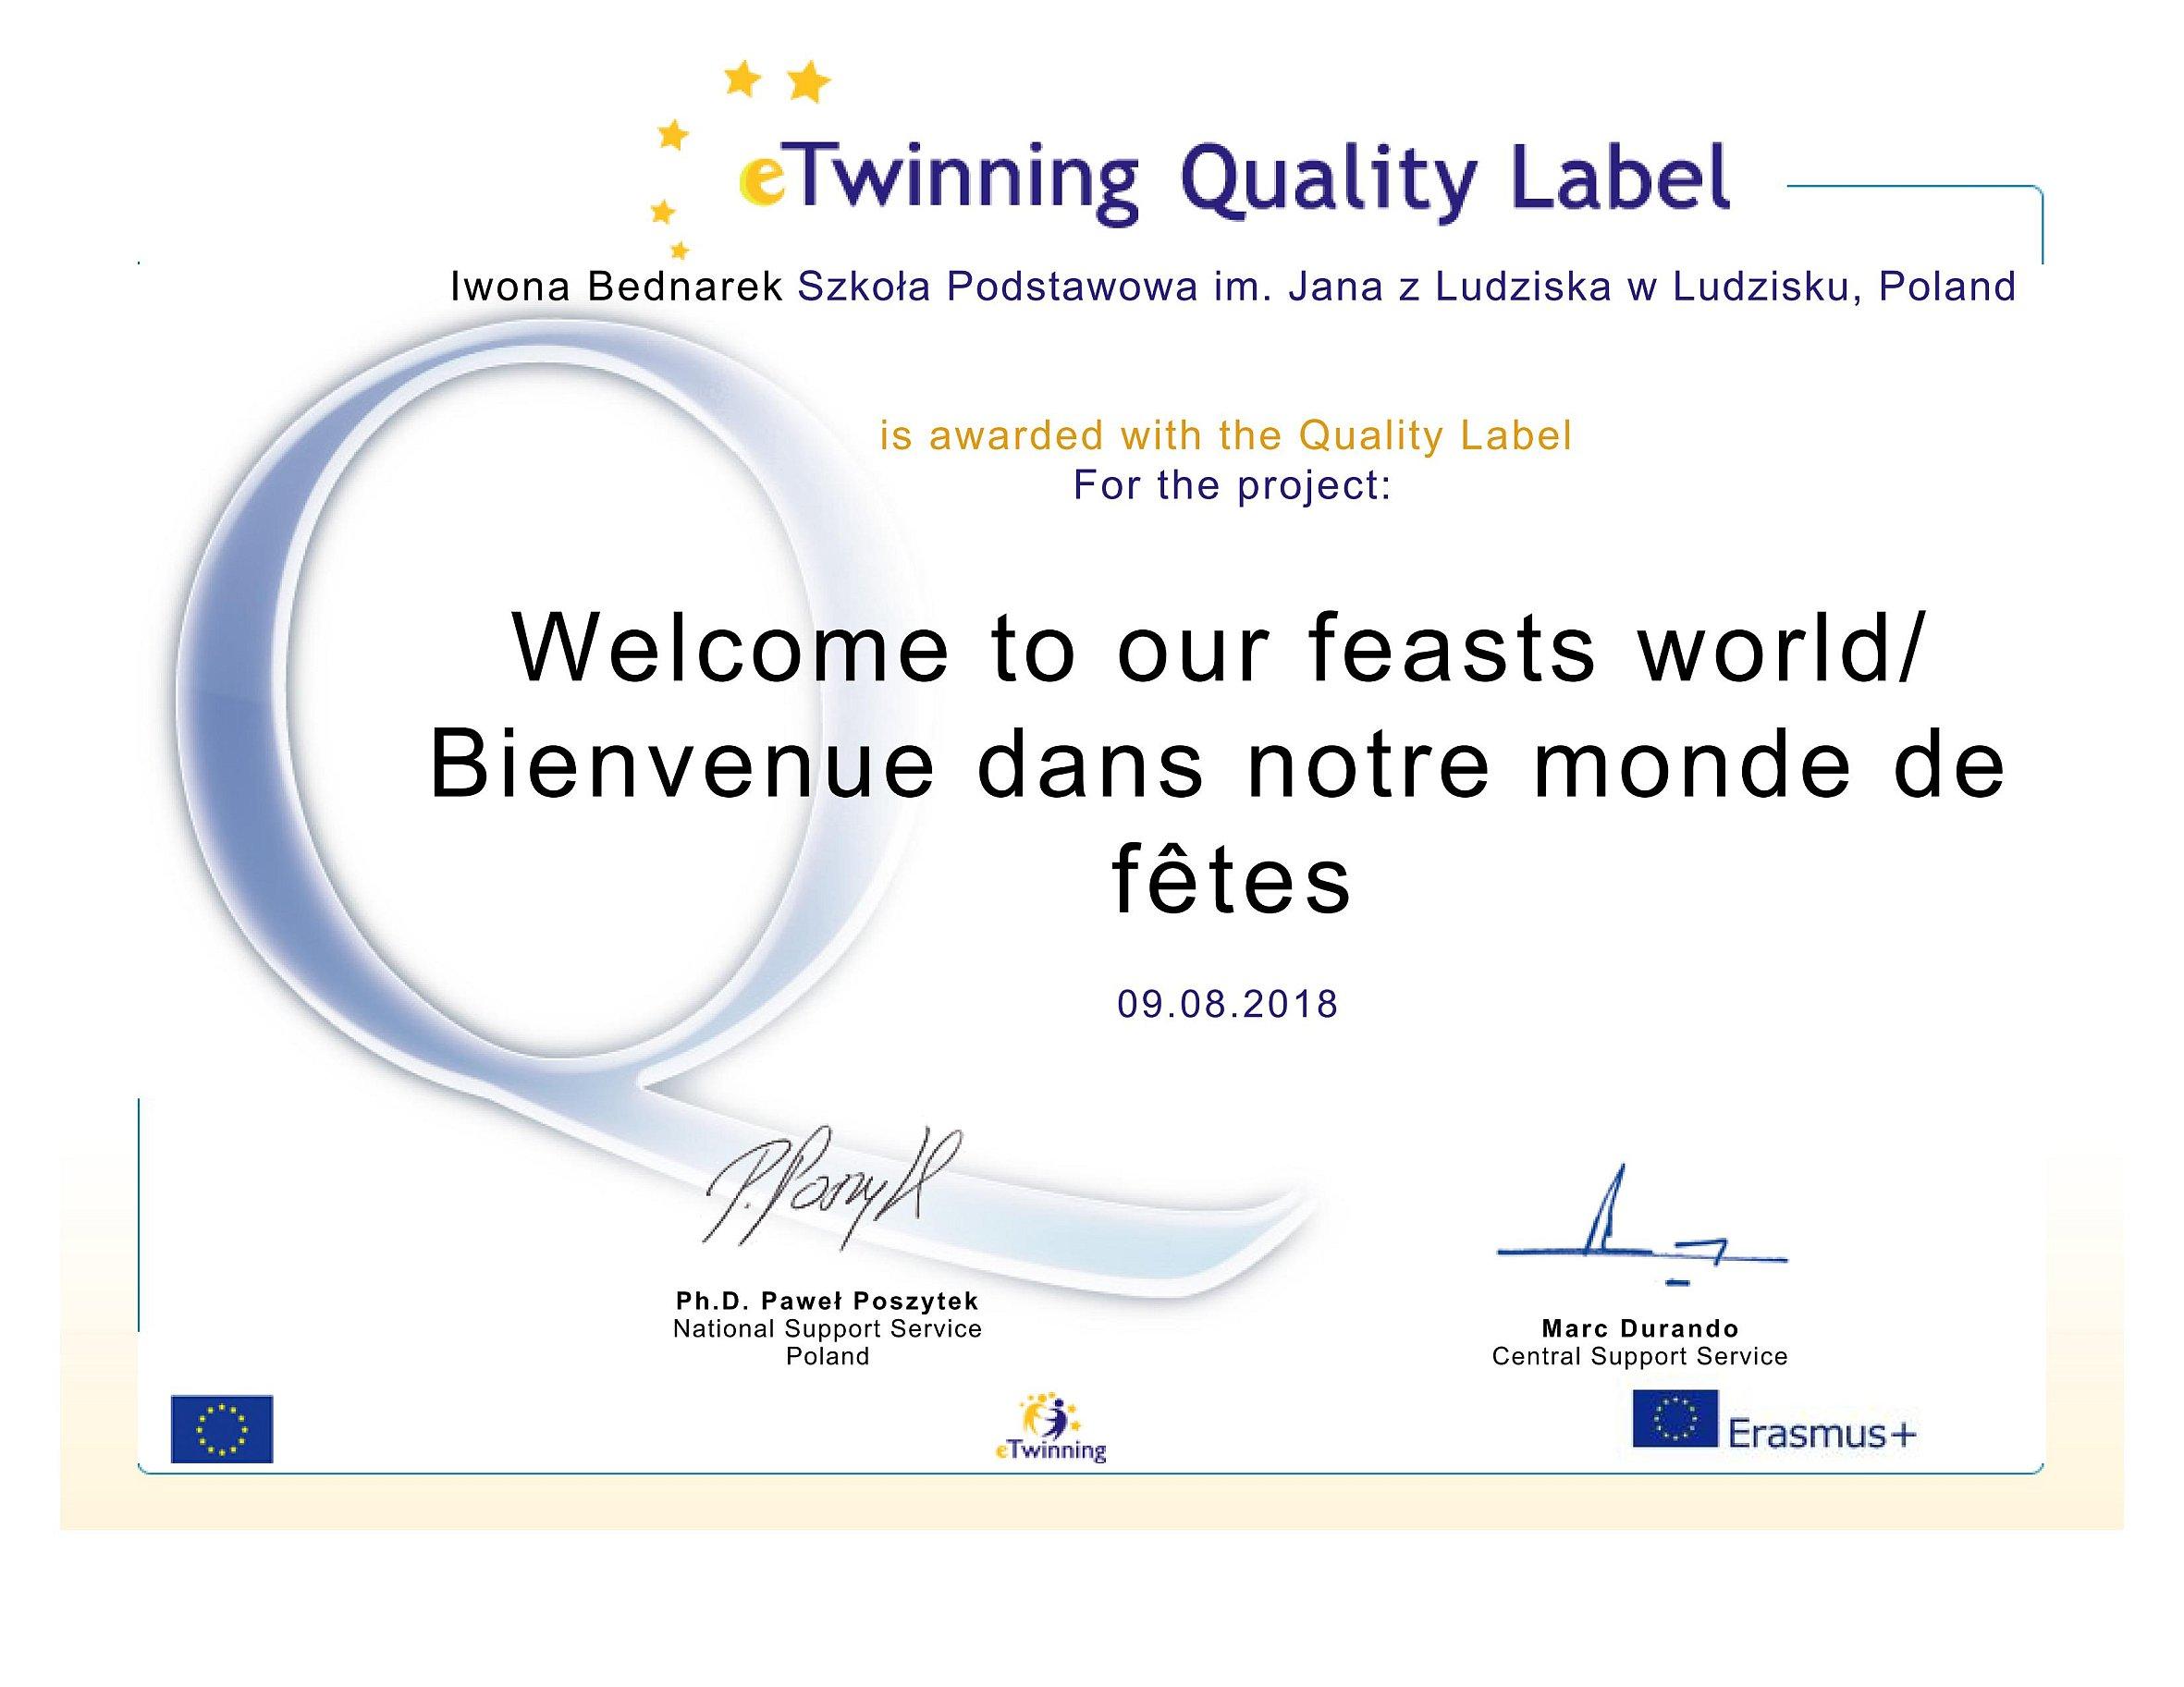 quality_label_2018okjpg [2362x1825]